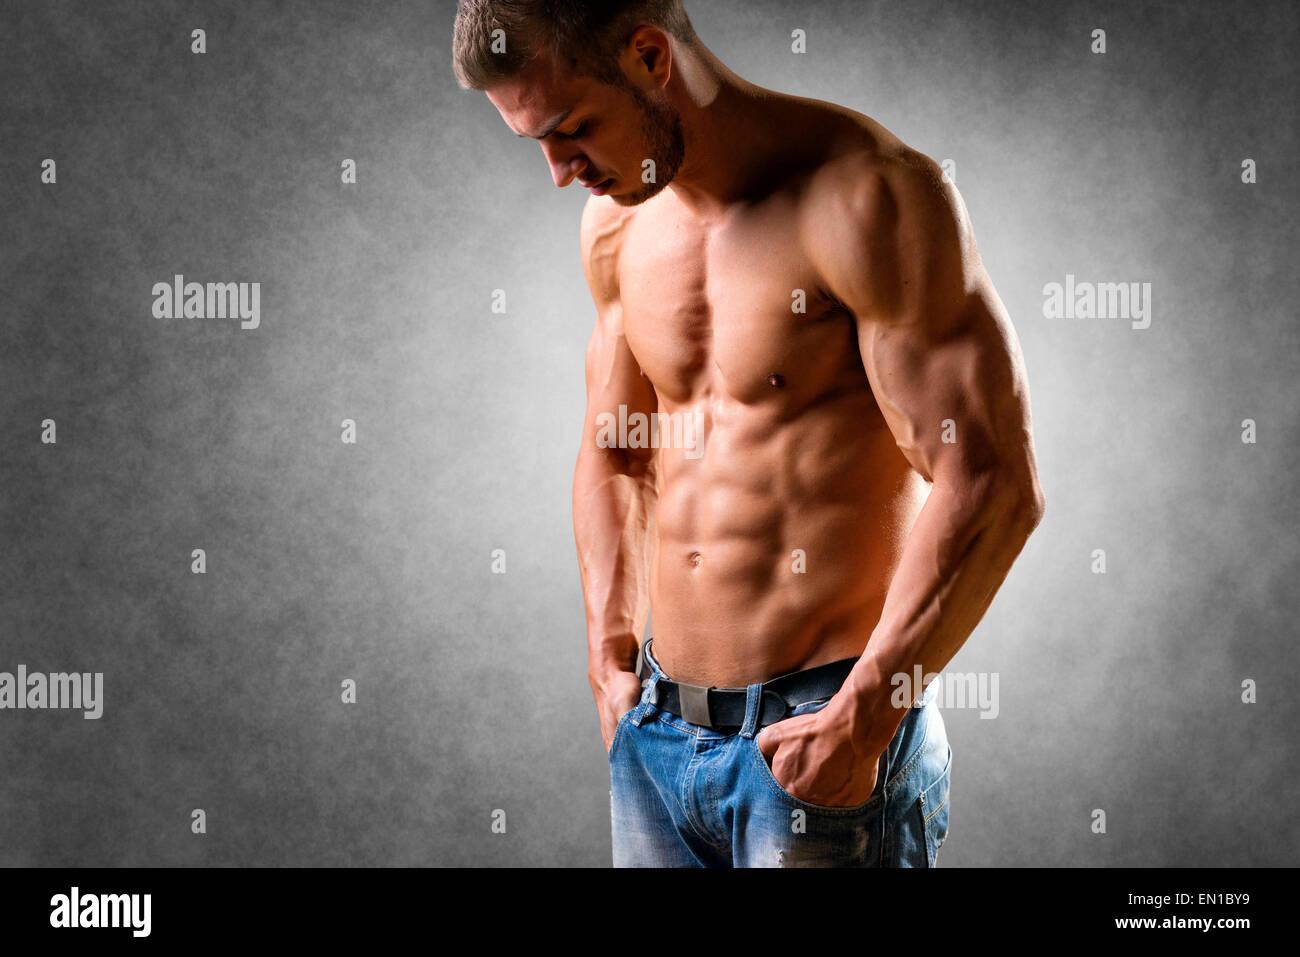 Nachdenklicher Mann mit gut trainierter Körper, Bizeps